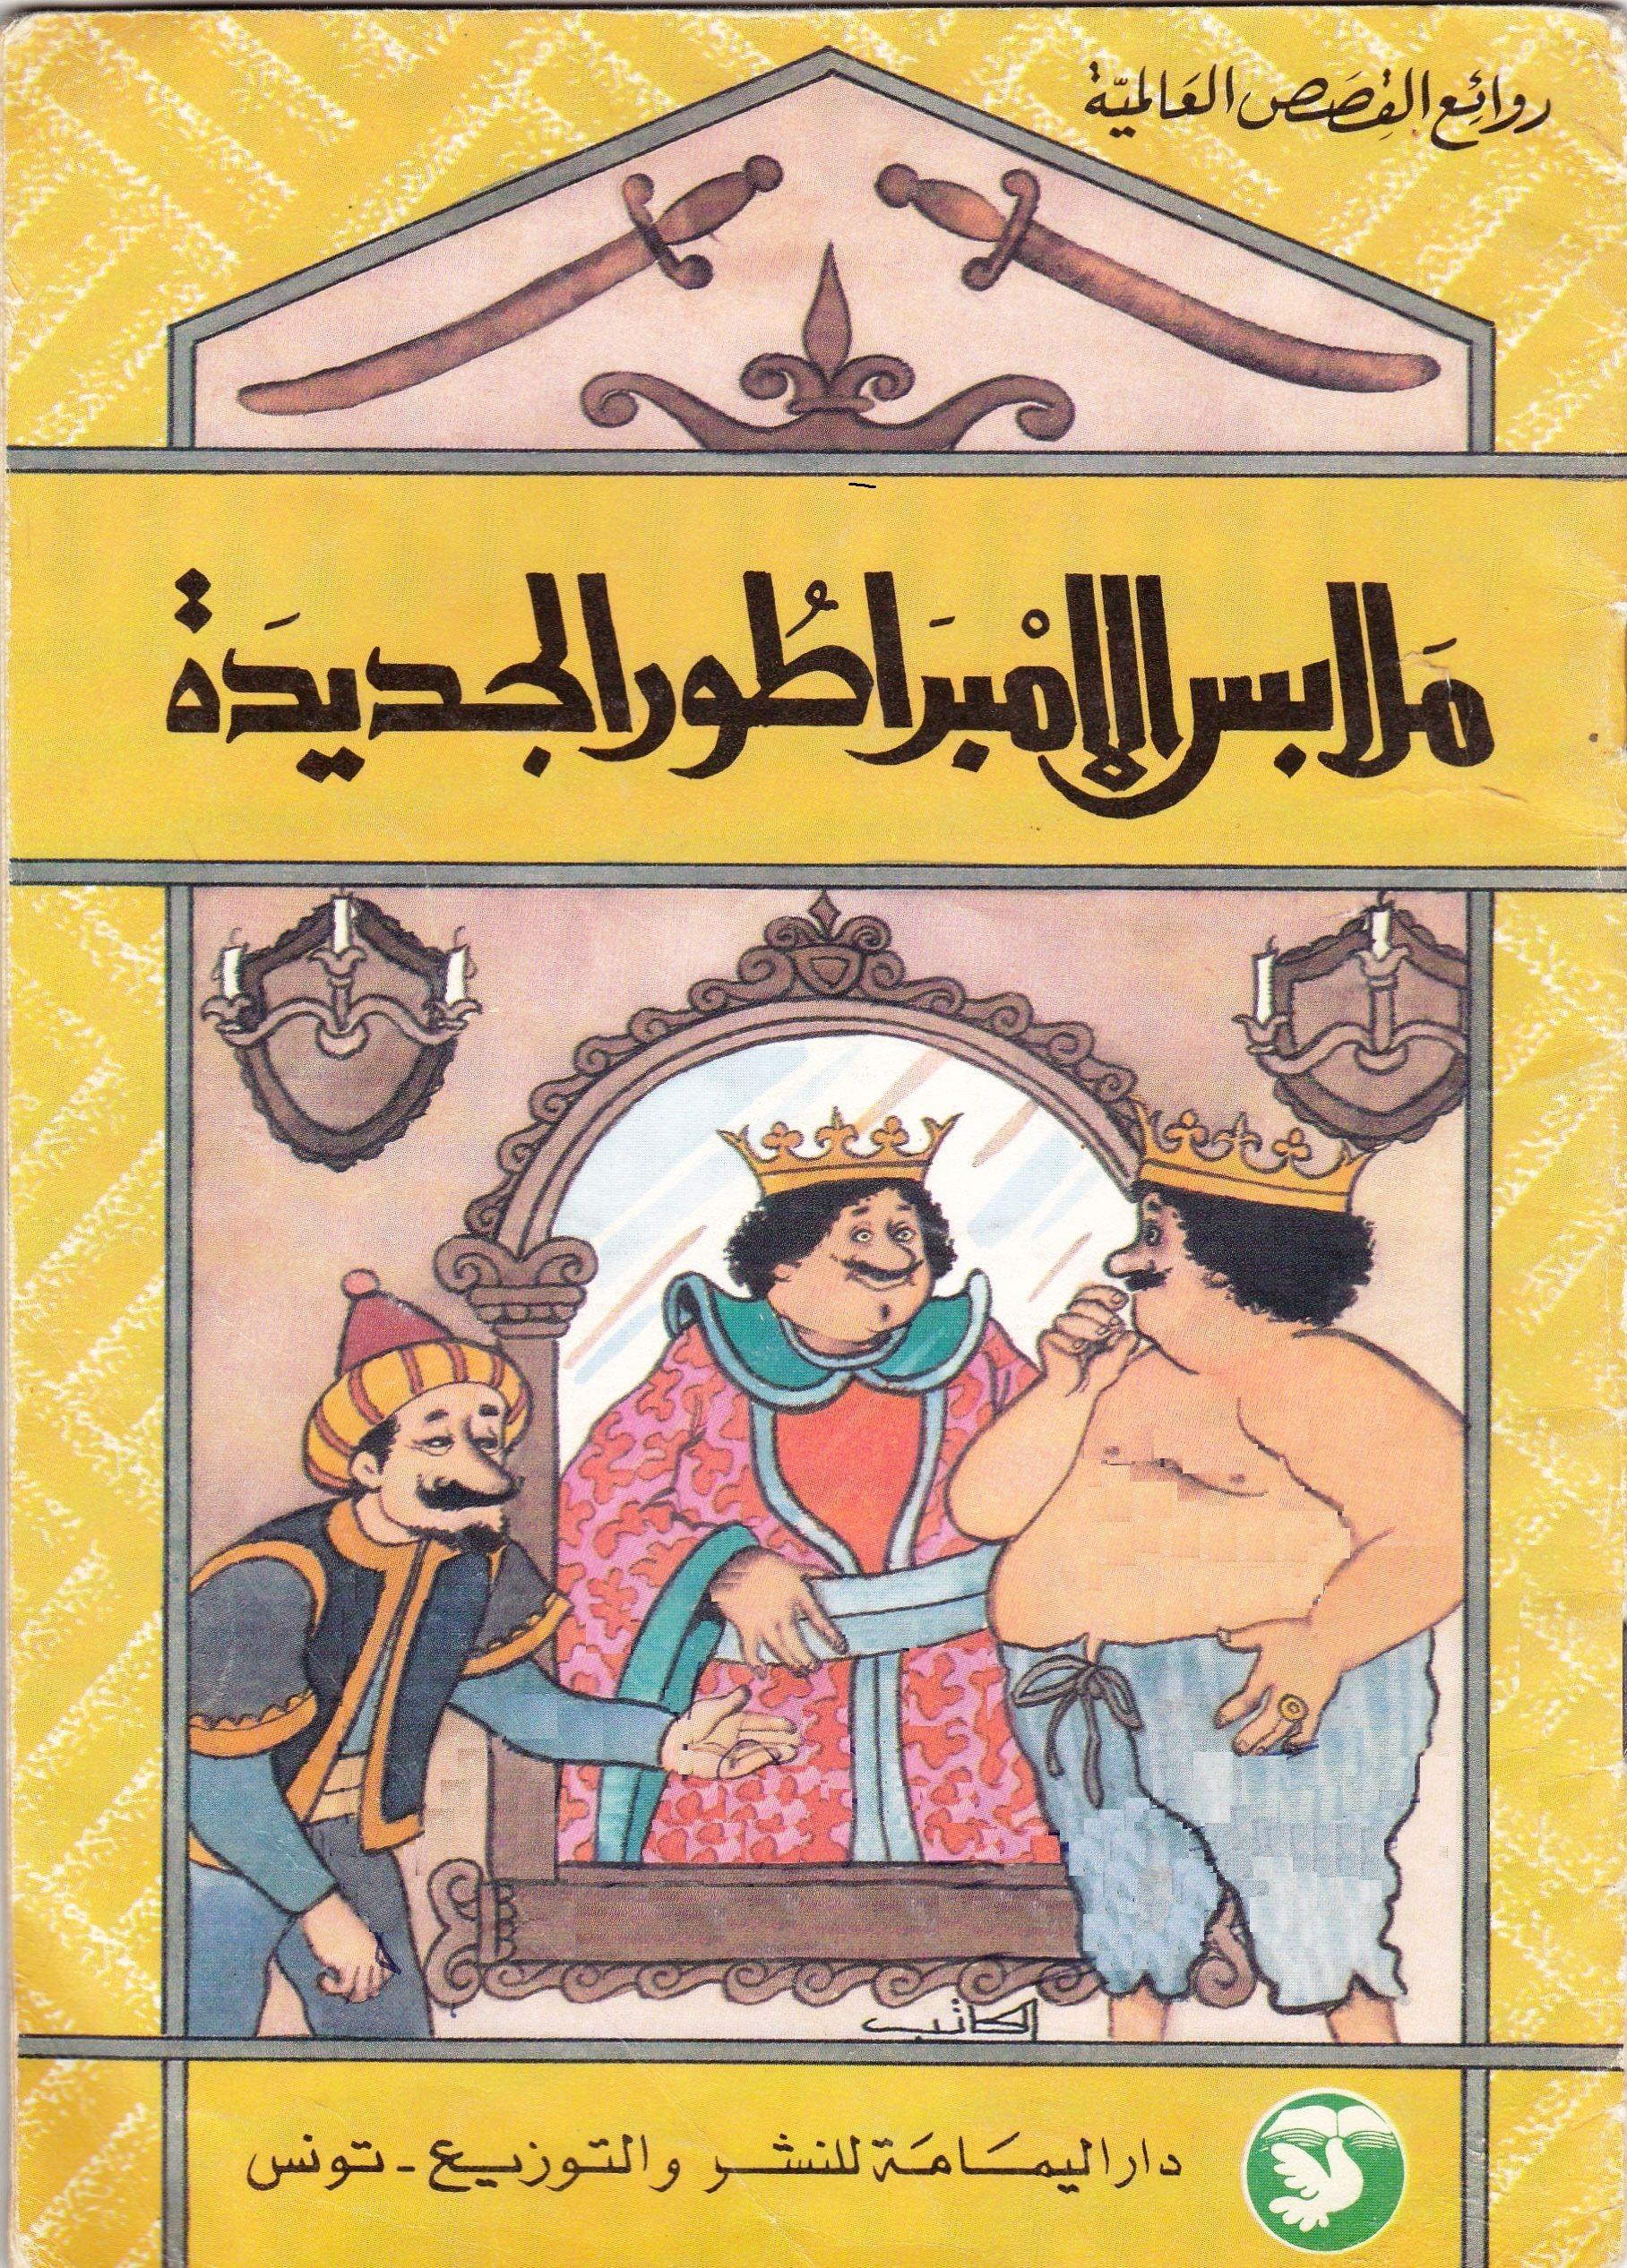 قصة ملابس الإمبراطور الجديدة Comic Books Comic Book Cover Books